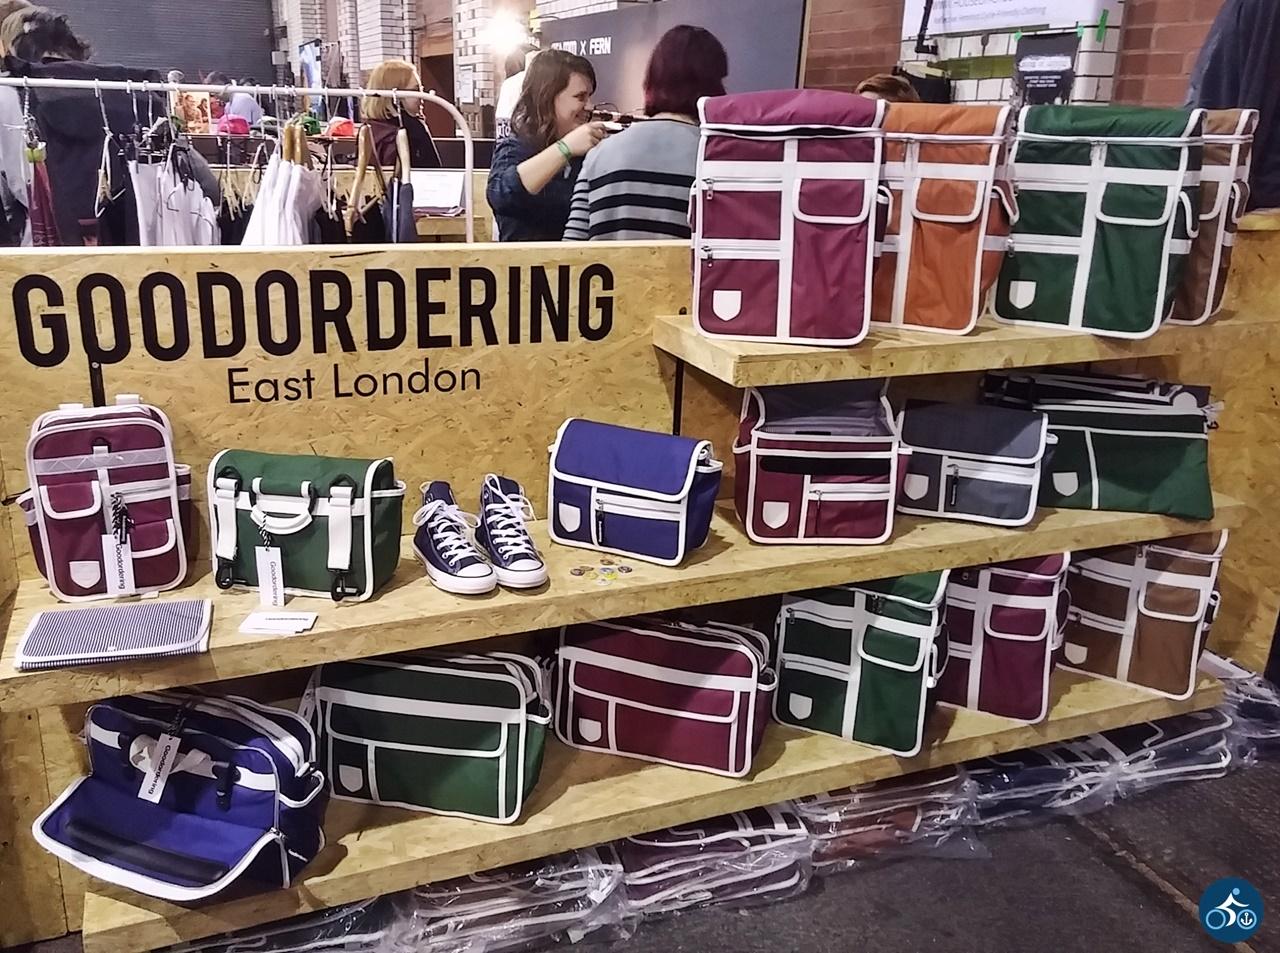 Taschen von Goodordering aus London